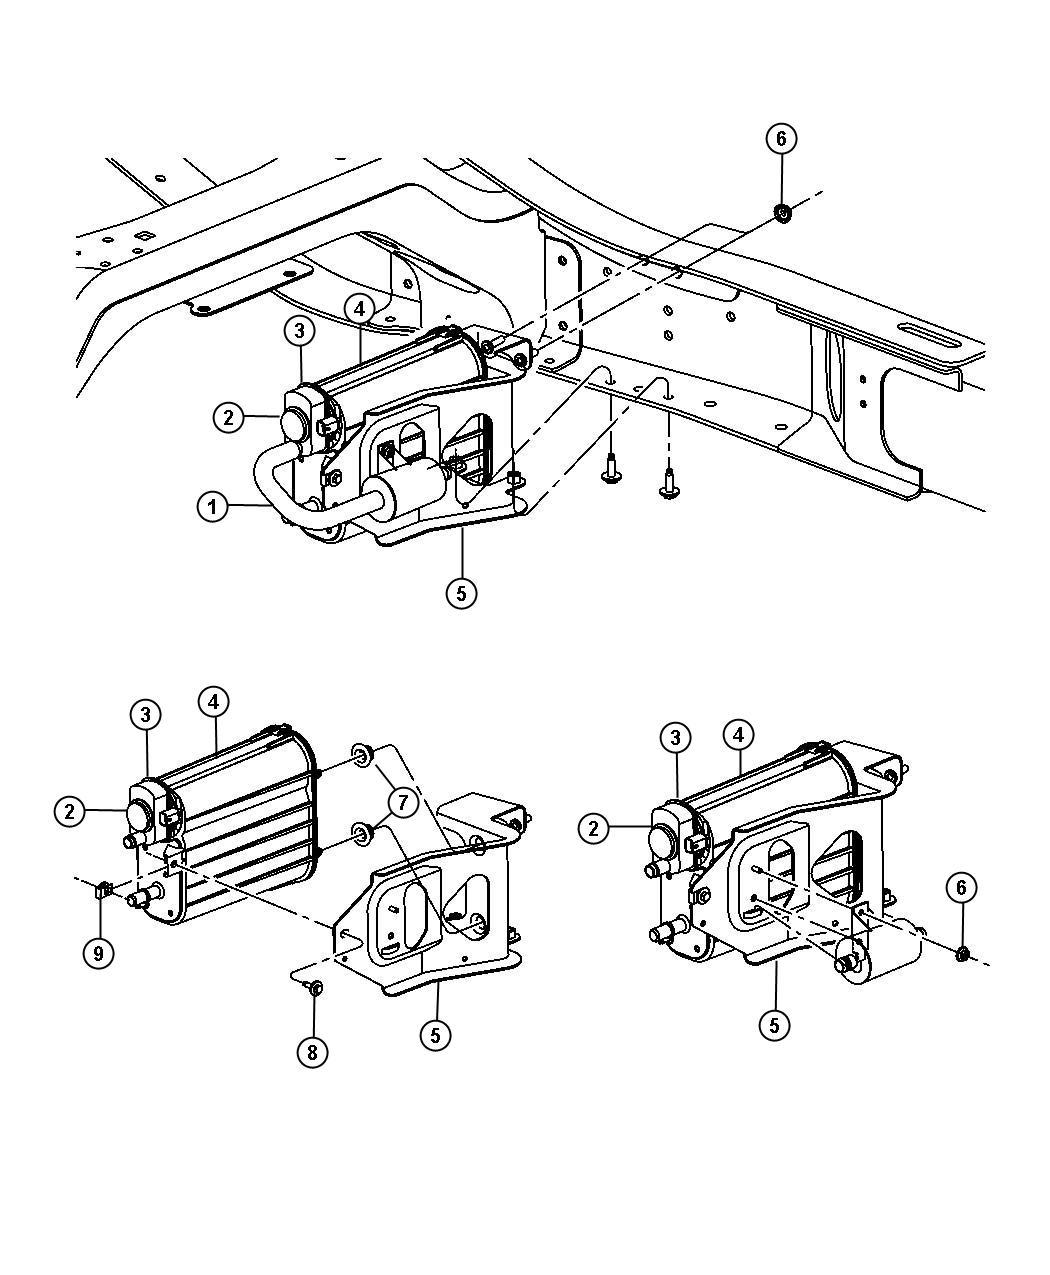 Dodge Ram Vacuum Canister Amp Leak Detection 5 7l